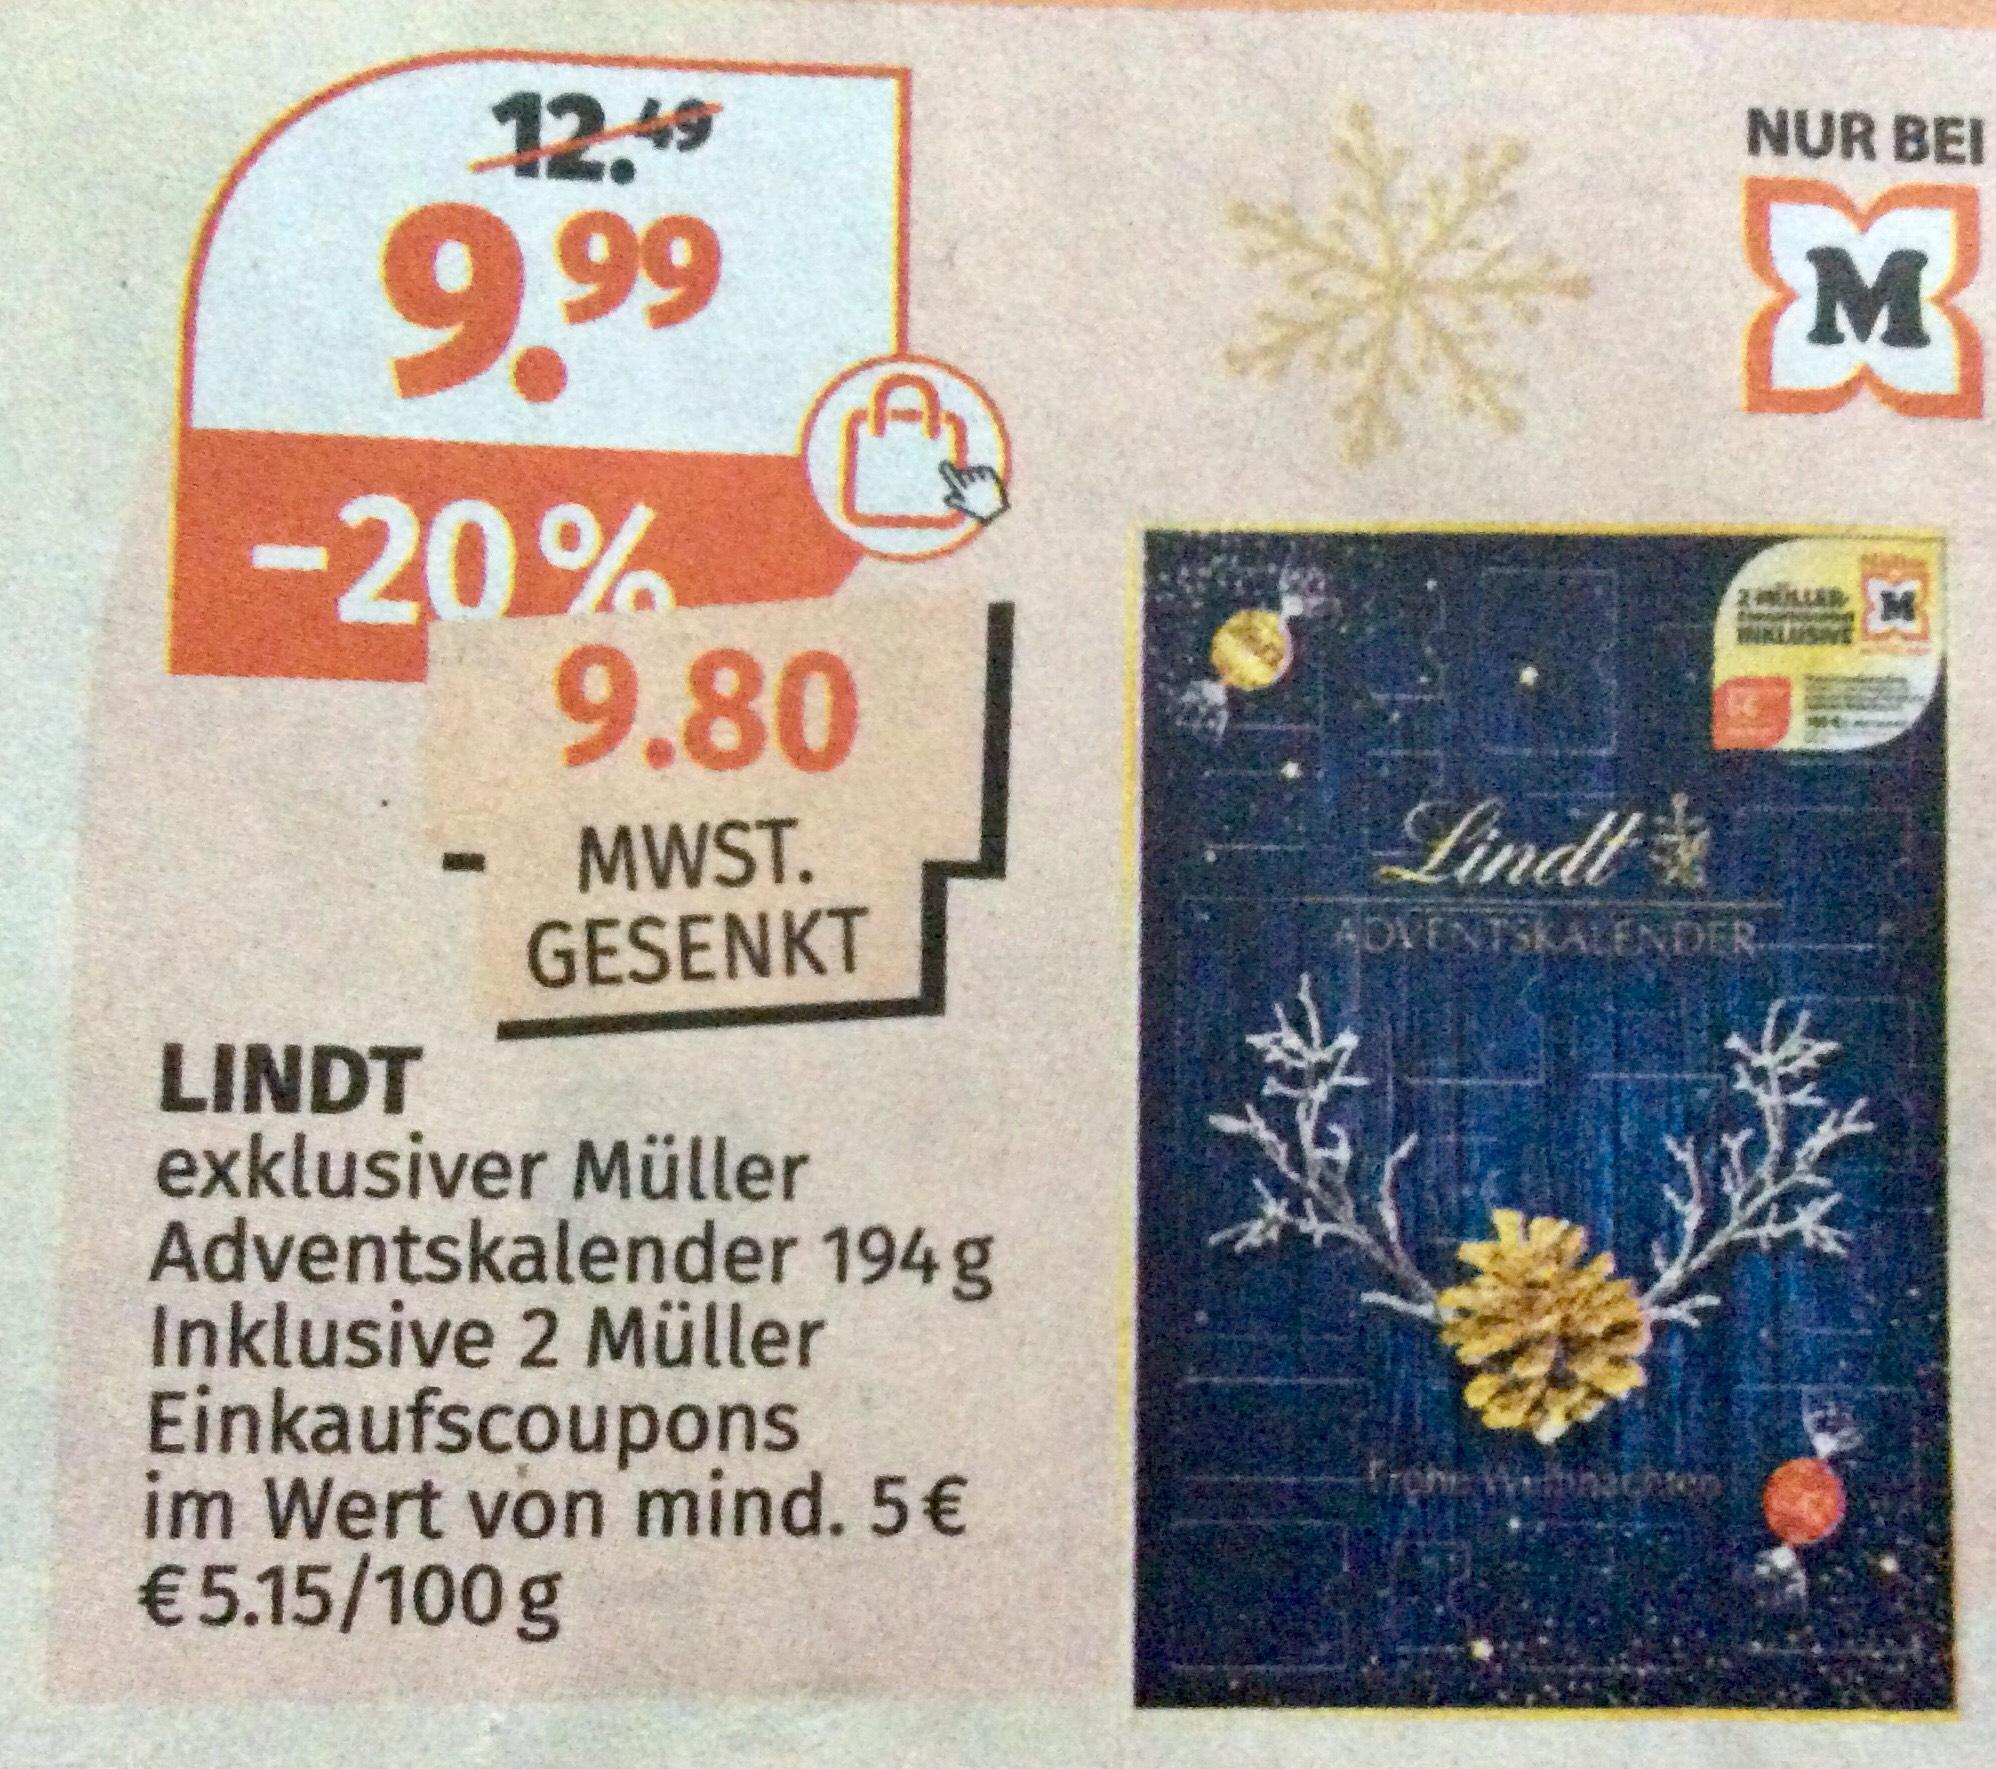 [Müller] Adventskalender von Lindt inklusive 2 Müller Einkaufscoupons im Wert von mindestens 5€